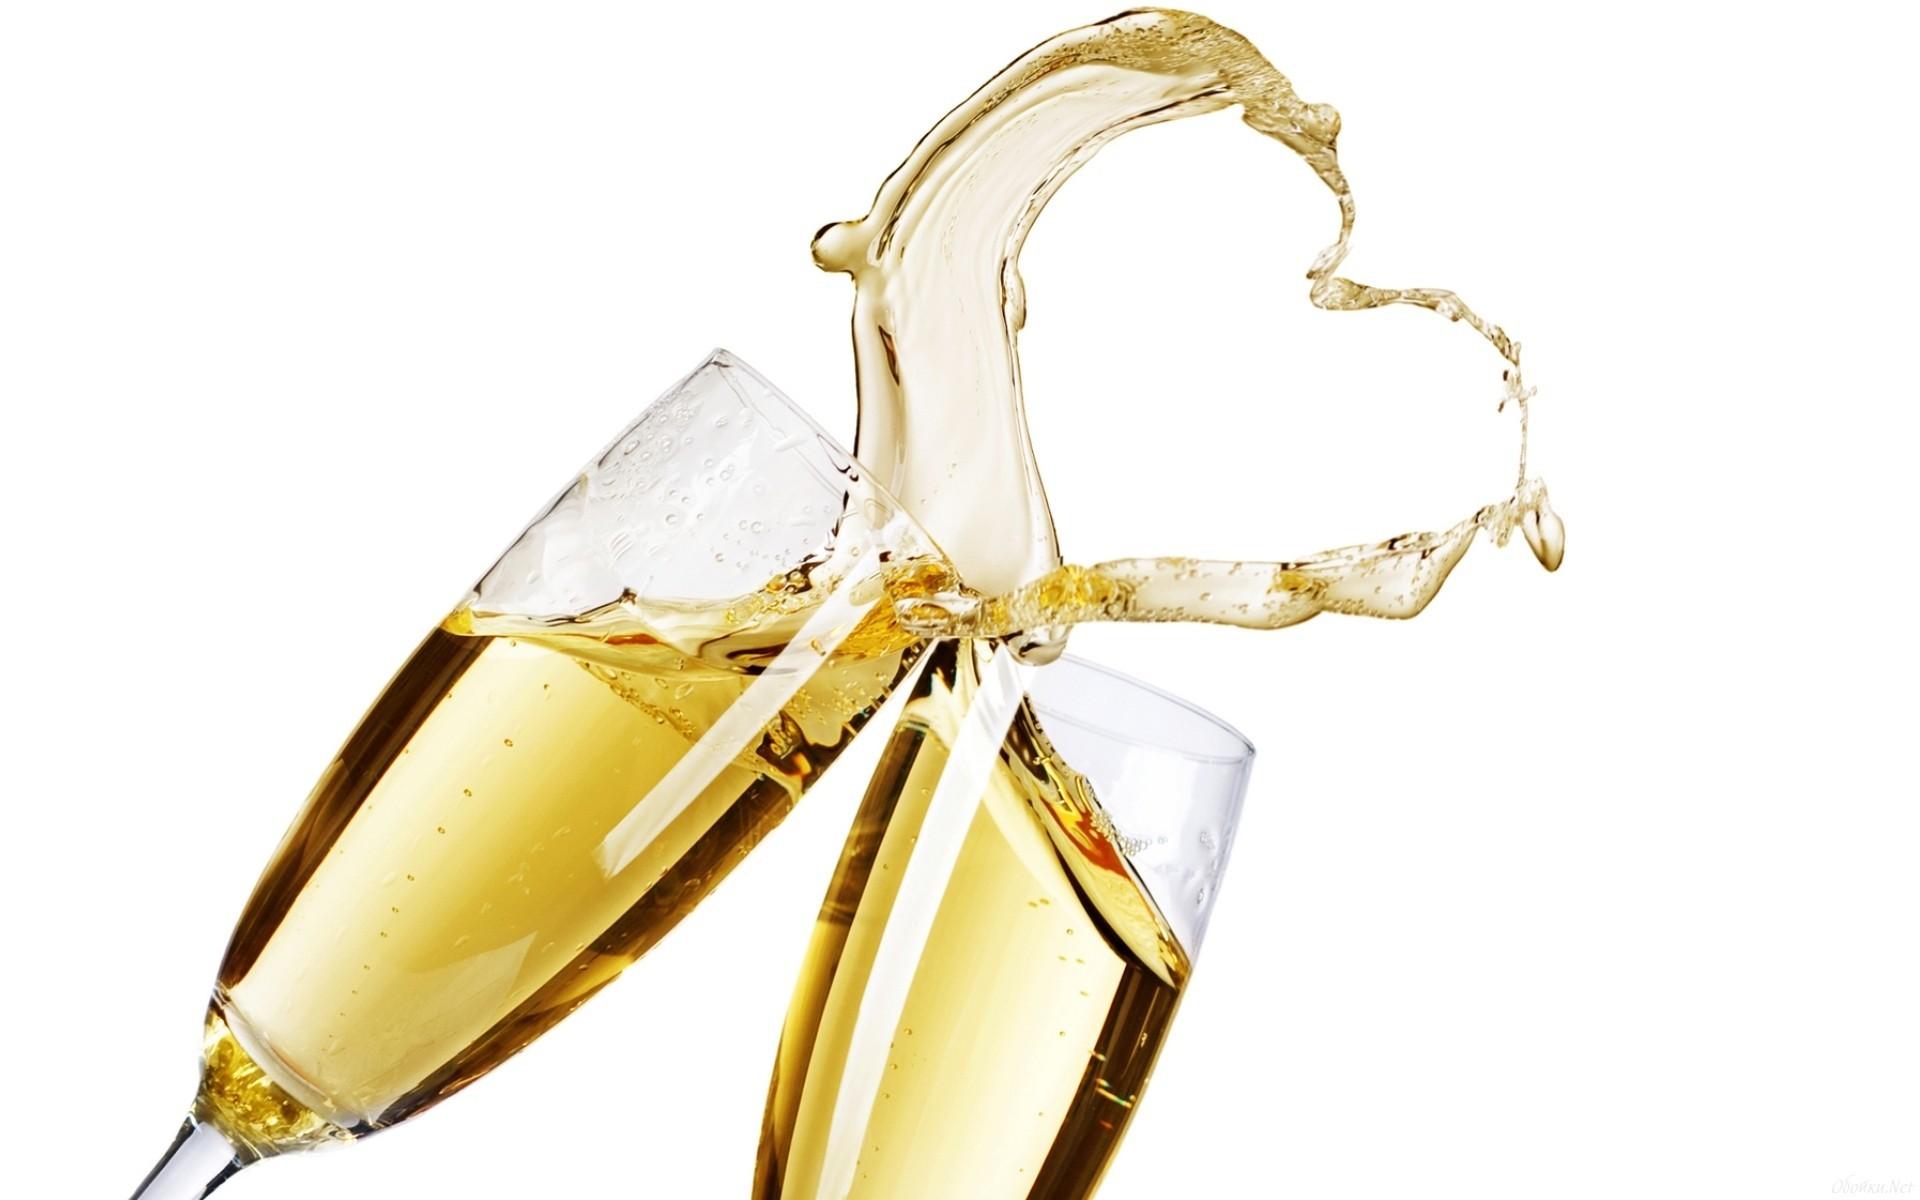 【ペットボトルワイン】安・楽・旨!おすすめのプチプラ白ワインのサムネイル画像